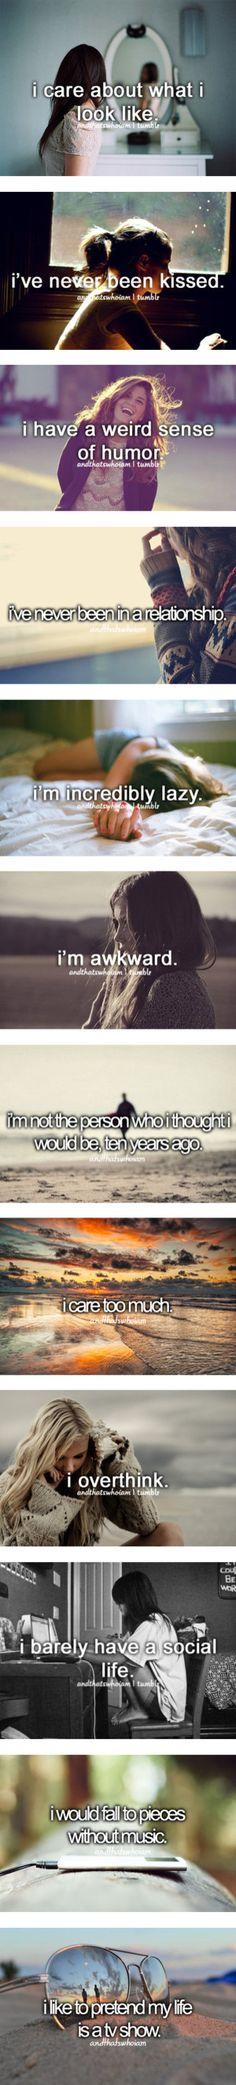 exactly:)